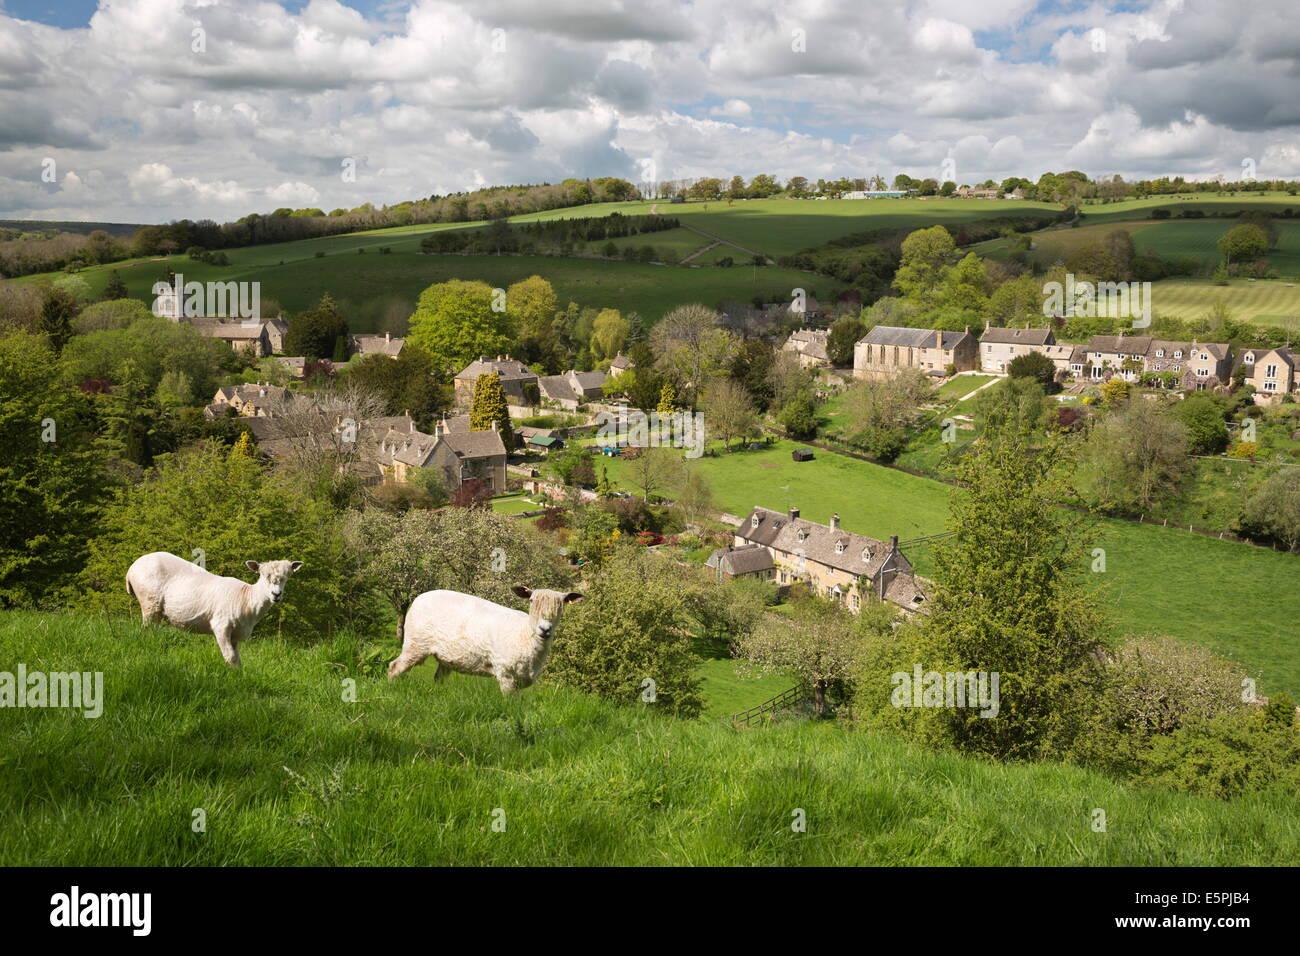 Naunton, Cotswolds, Gloucestershire, England, United Kingdom, Europe - Stock Image